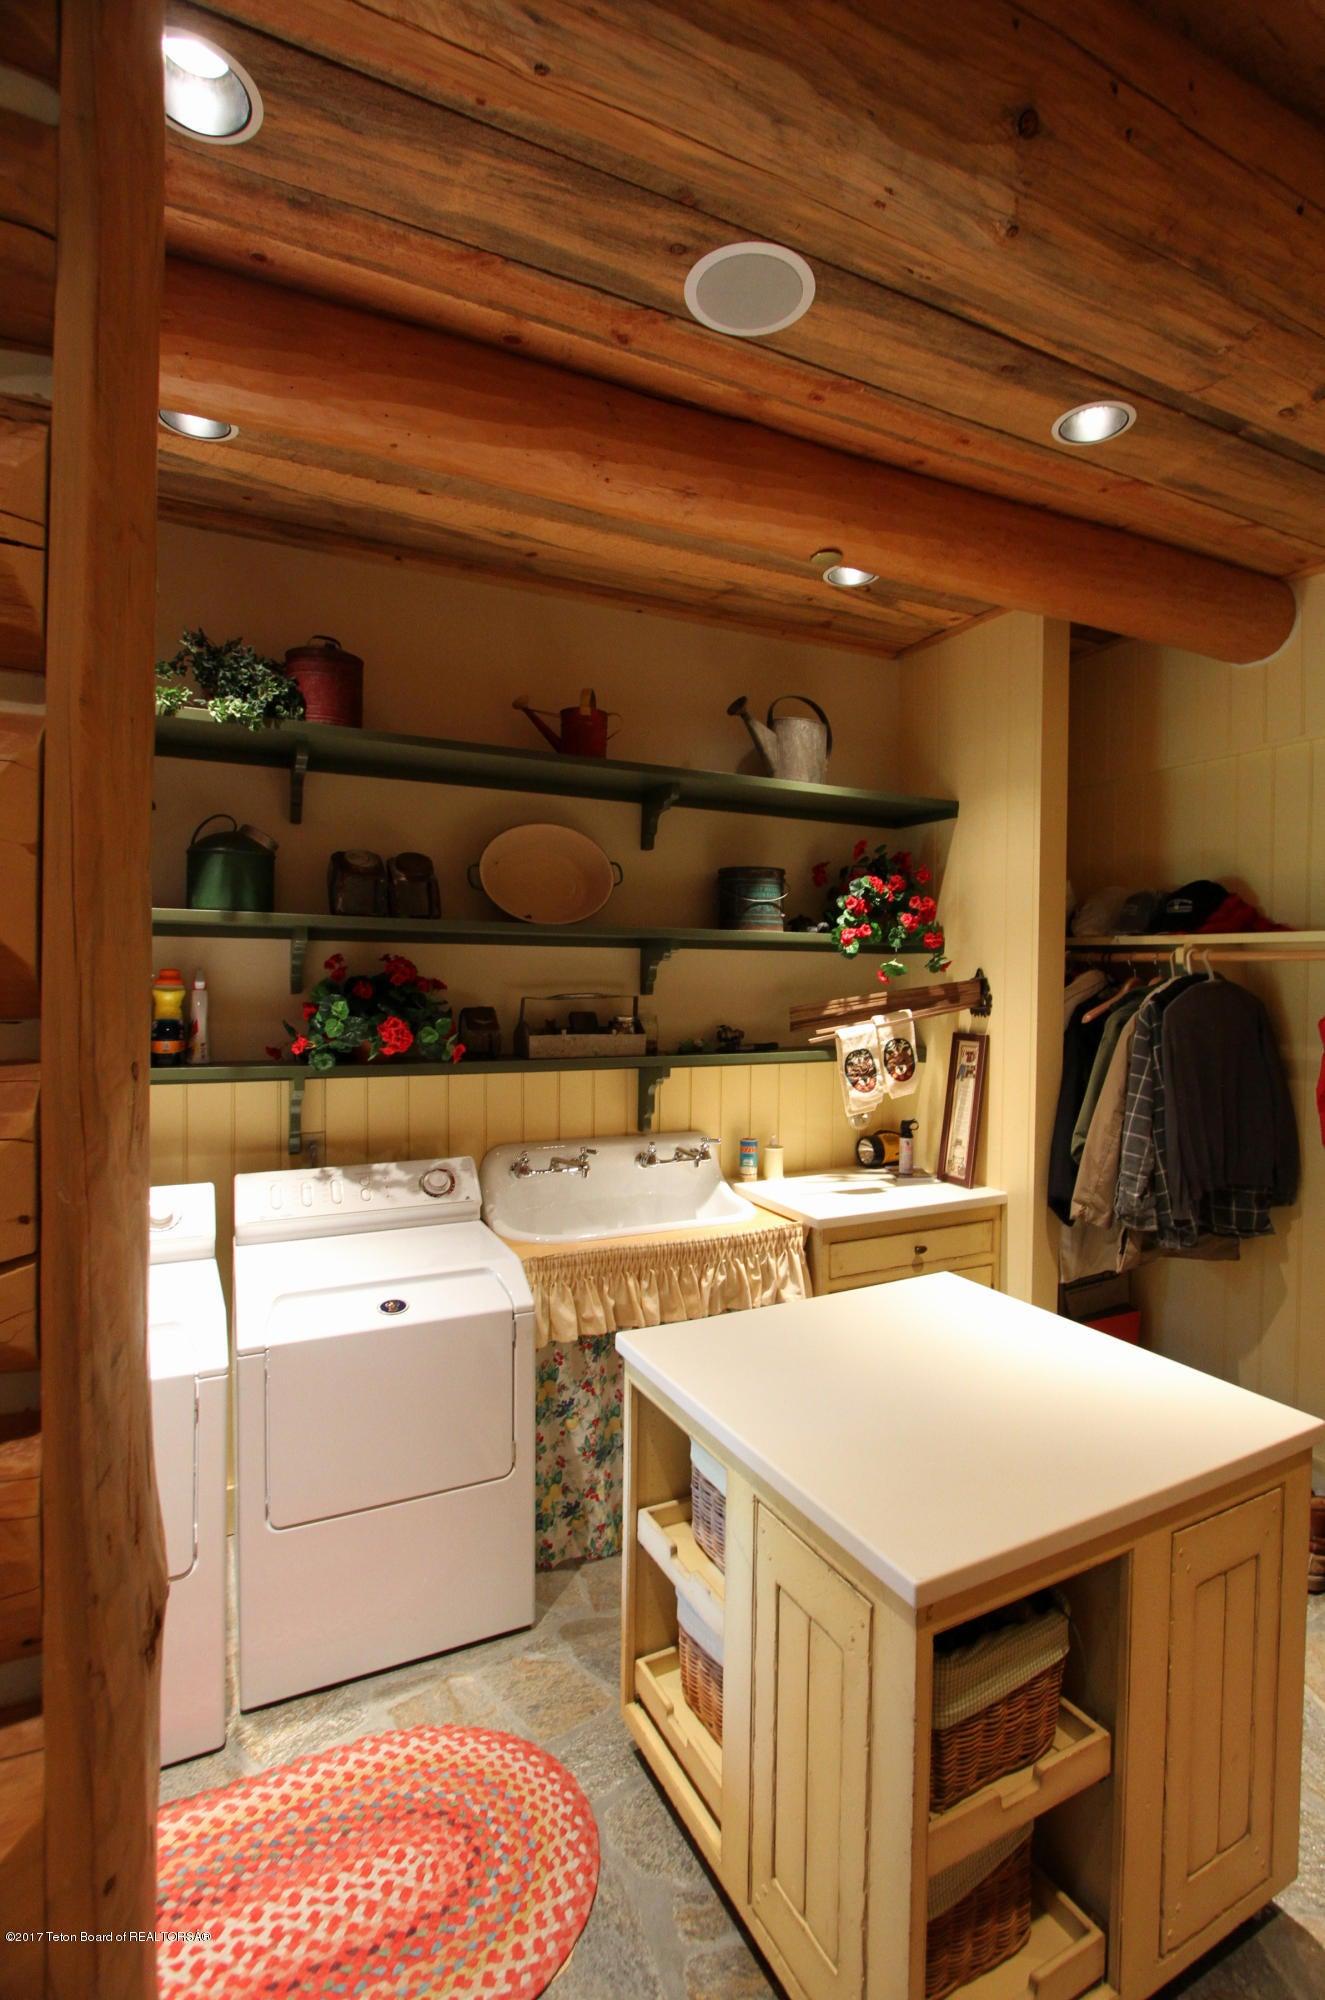 Womack Laundry Room 1 300 dpi